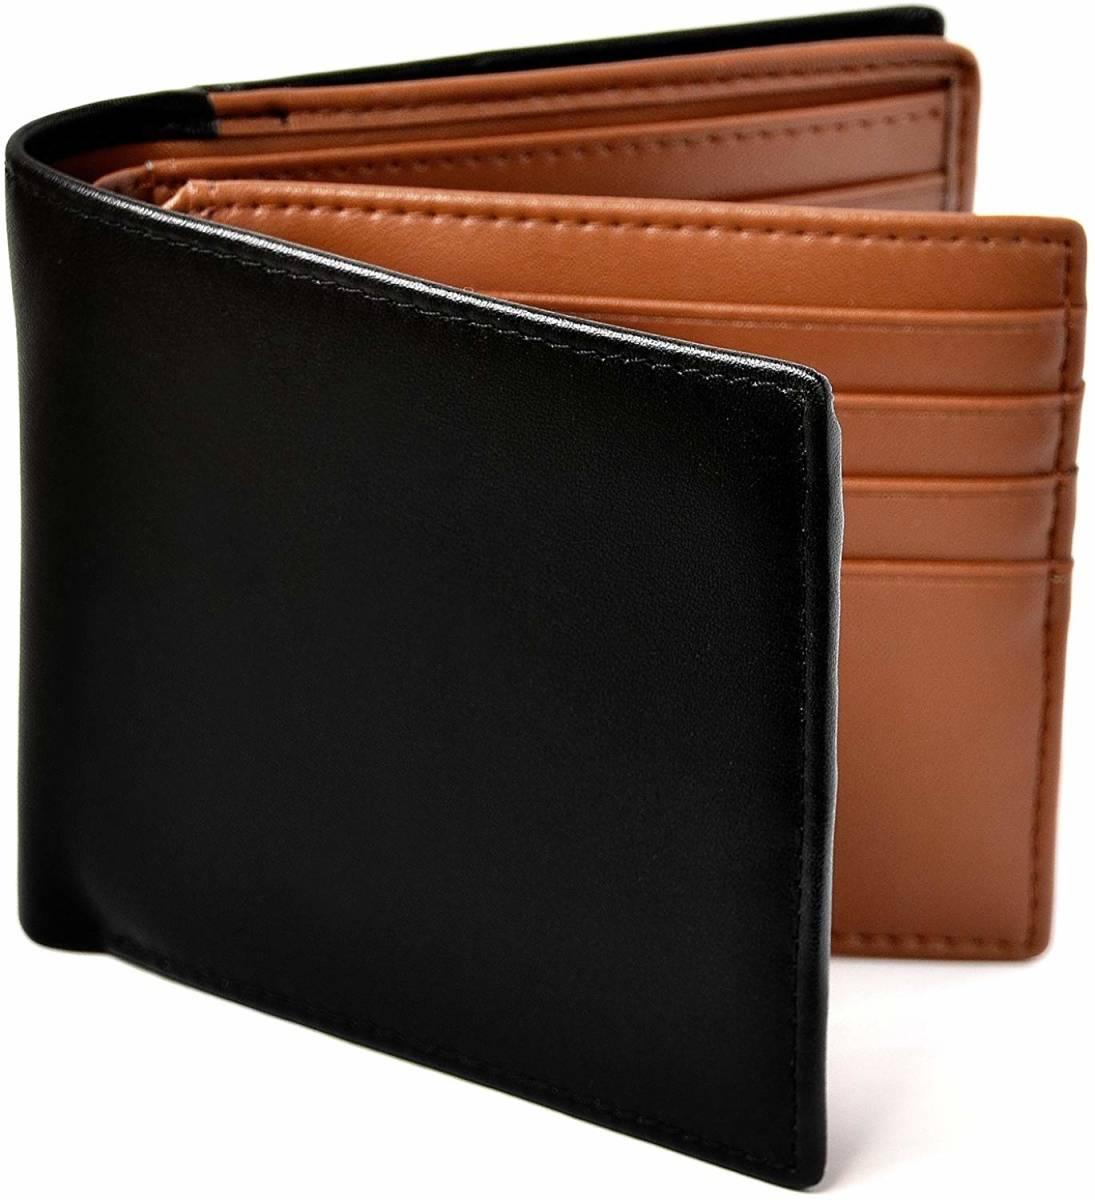 【送料無料】 [Le sourire] 二つ折り 財布 カード18枚収納 ボックス型小銭入れ 本革 メンズ ブラック ブラウン 黒 茶色_画像1